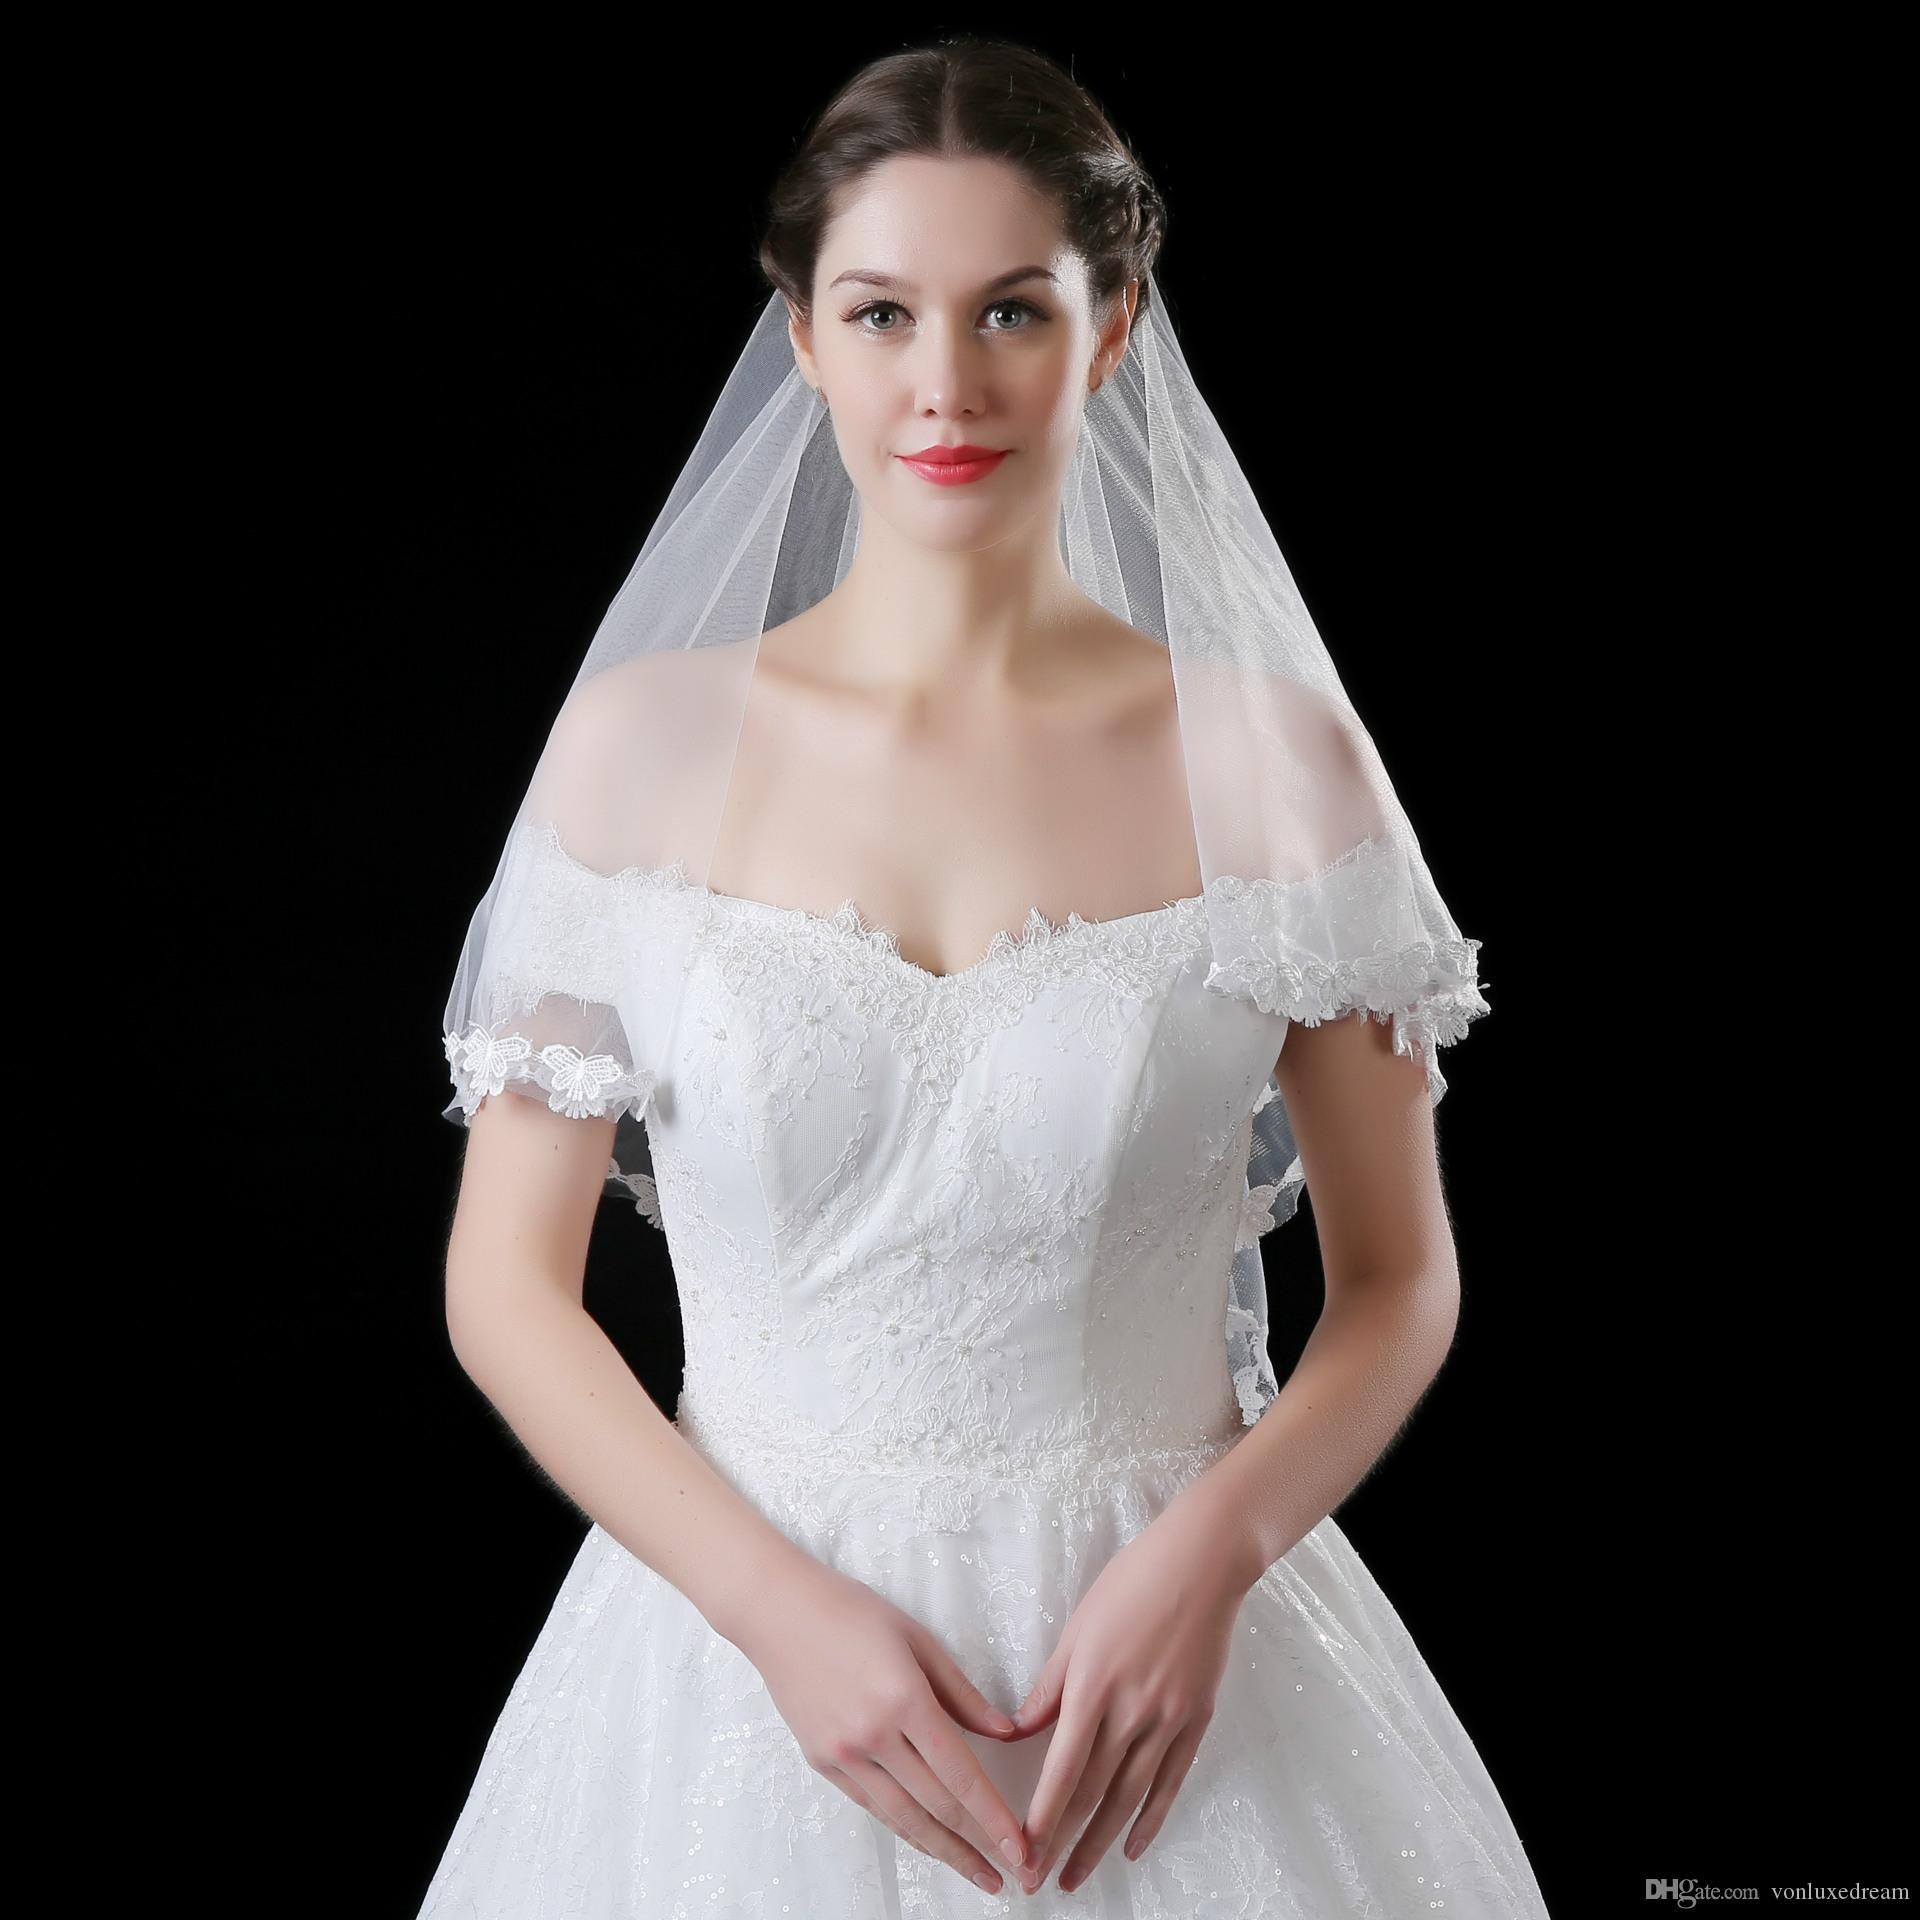 Güzellik Dantel Aplike Bir Katmanlar Gelin Duvağı Sıcak Satış Yüksek Kalite Kısa Gelin Veil Düğün Aksesuarları velo de novia